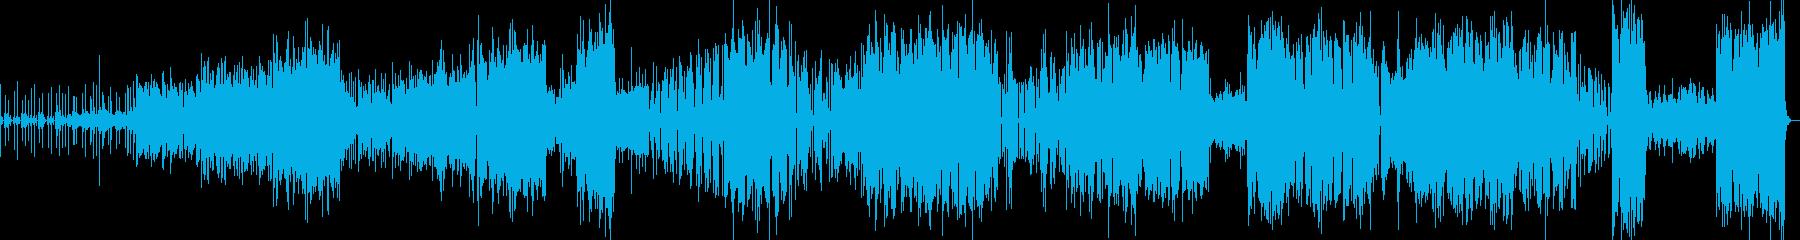 アイリッシュ風な曲(3曲メドレー)の再生済みの波形